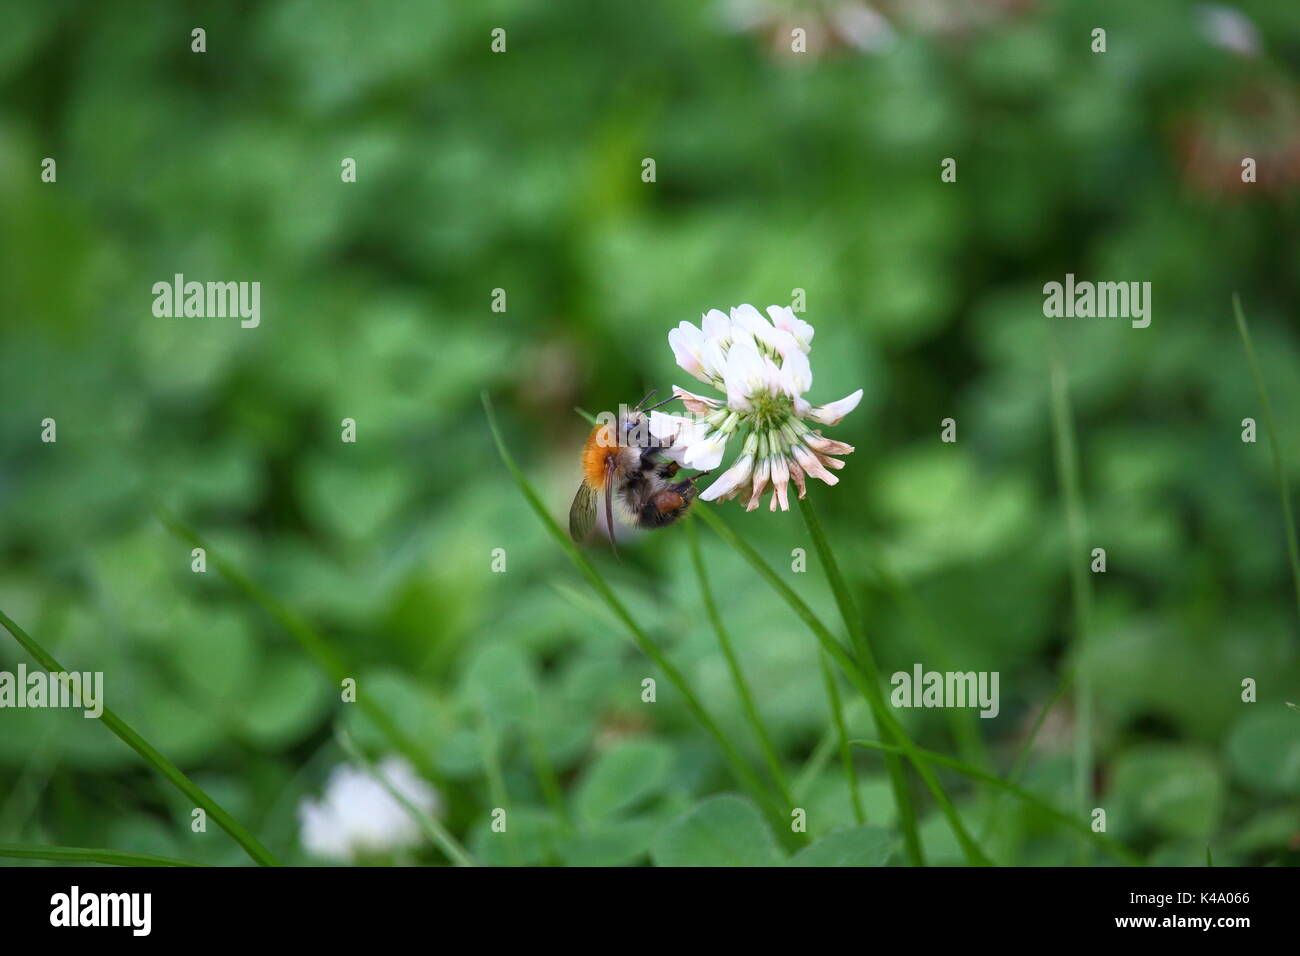 Hummel die Nektar sammelt und gleichzeitig Blüten bestäubt - Stock Image